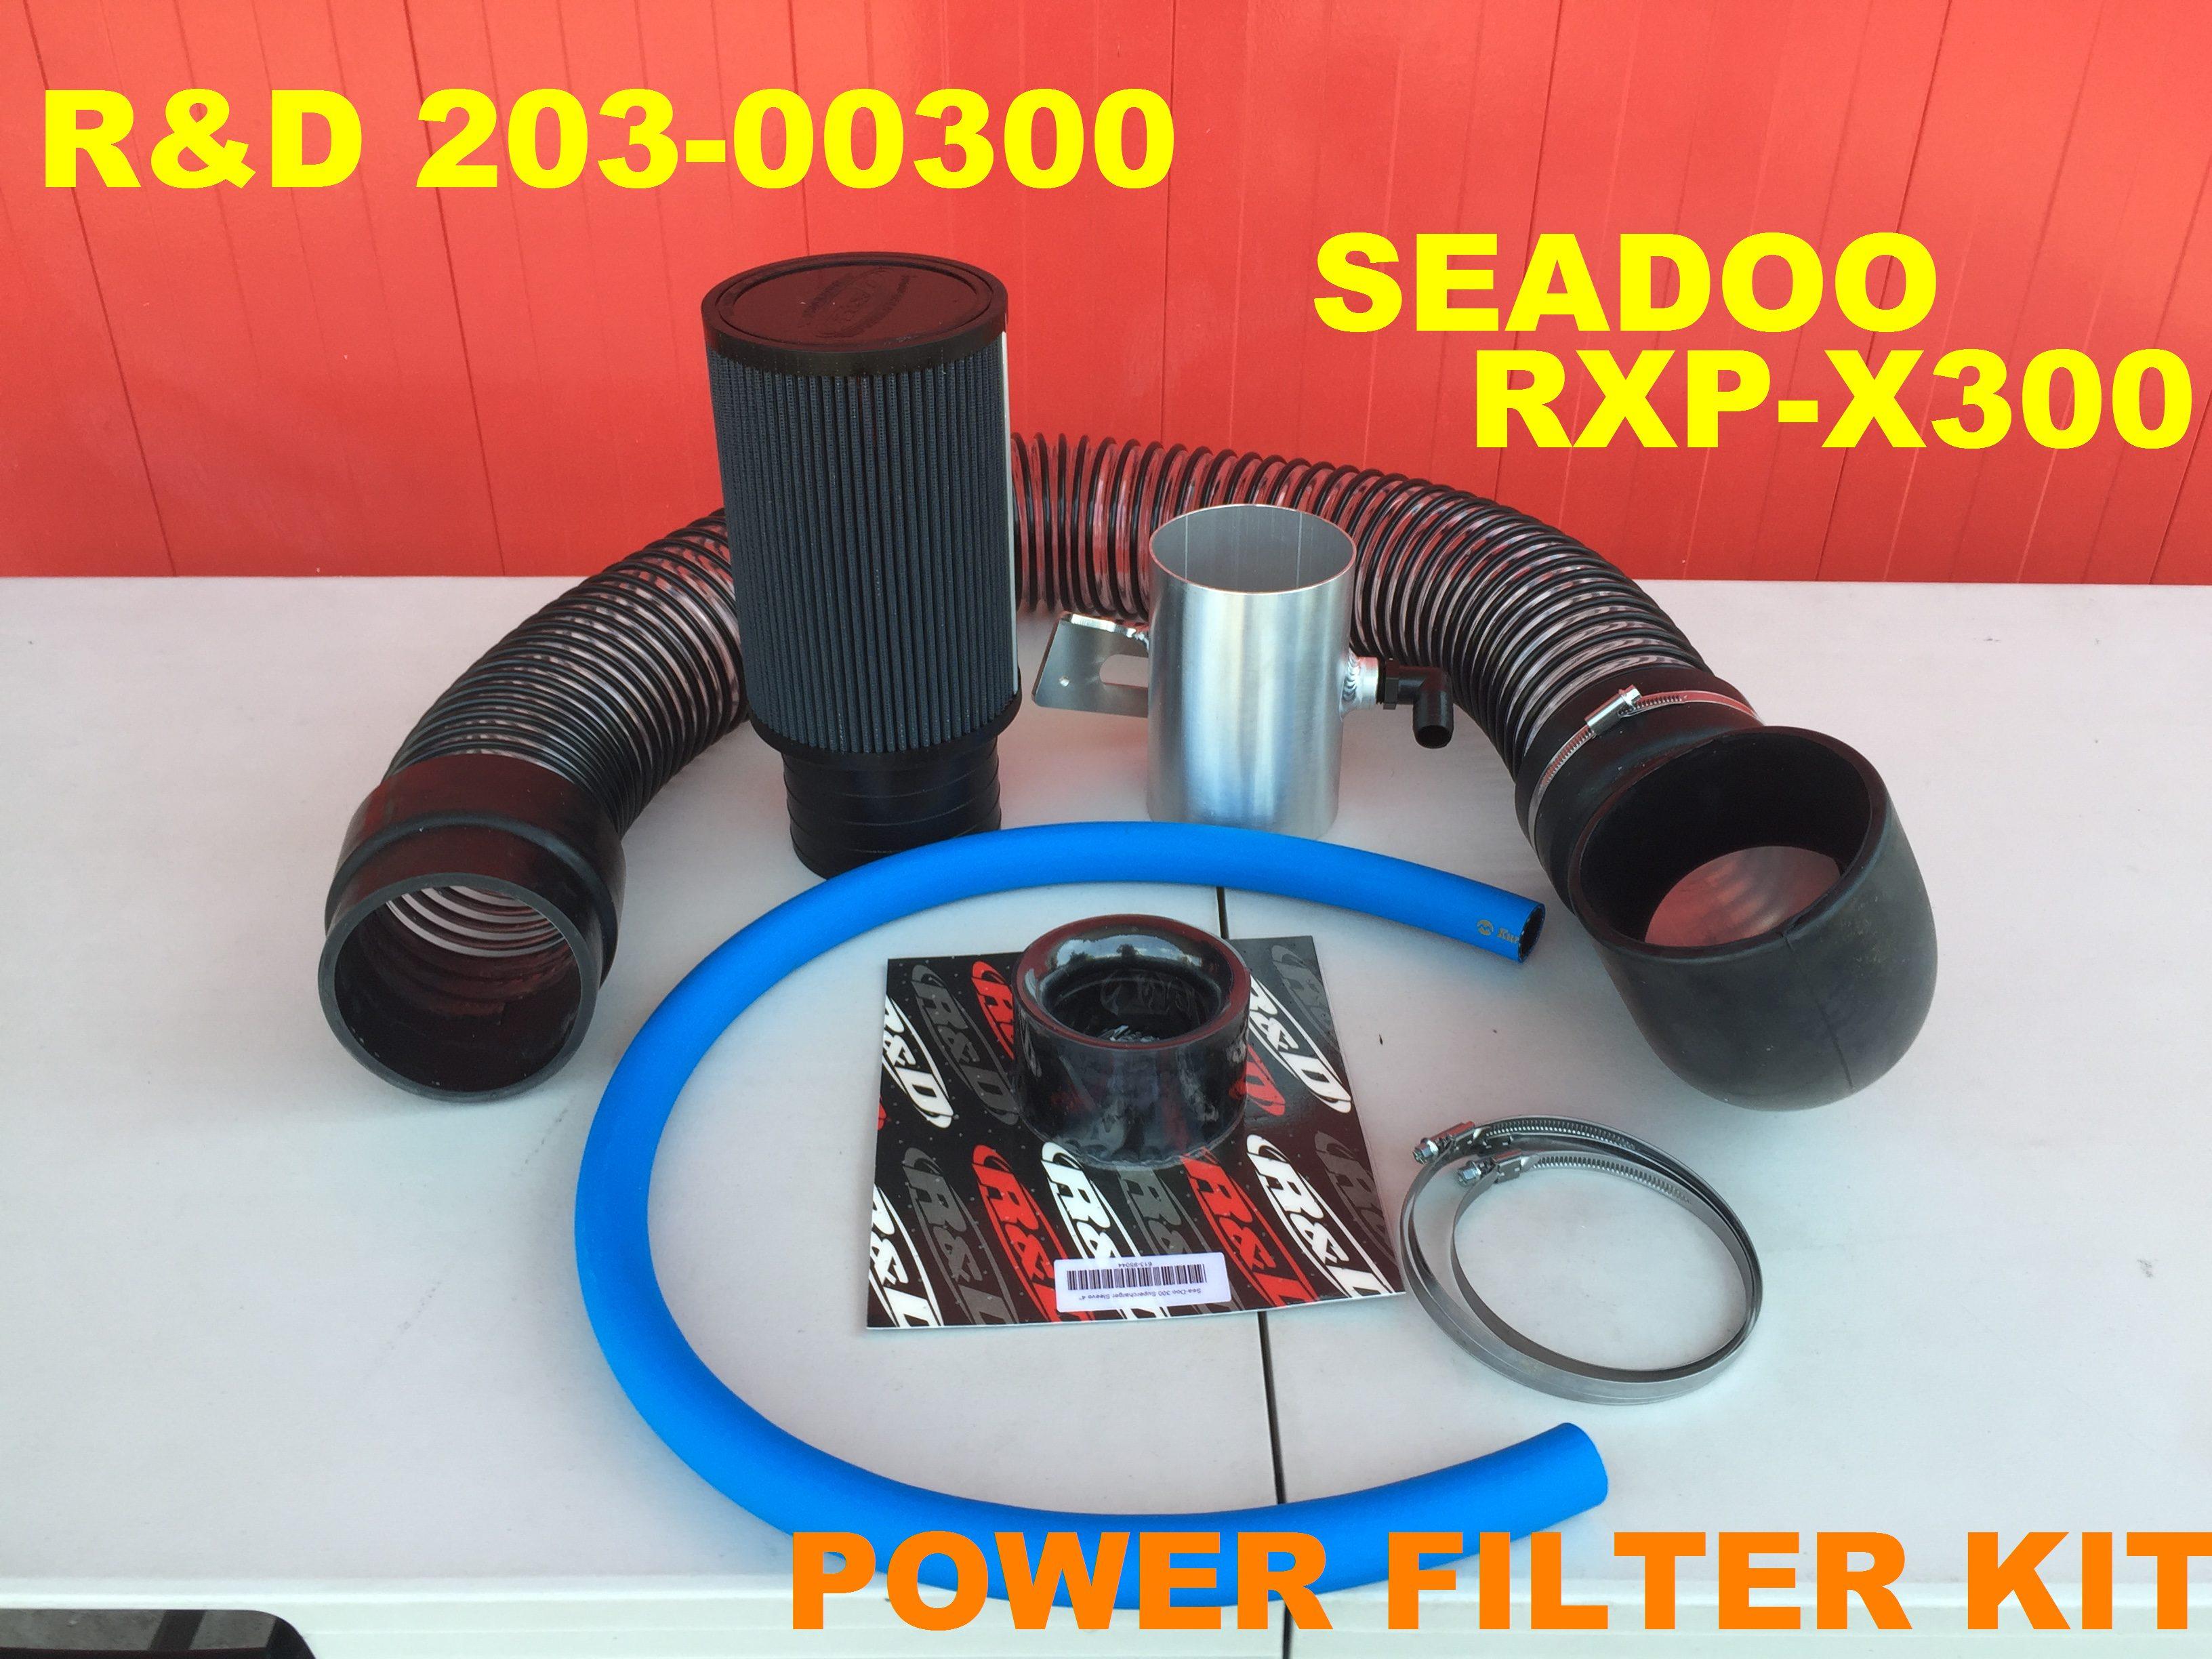 """【203-00300】R&D Pro Series 4"""" Air Filter Kit Seadoo RXP-X300/RXT-X300"""